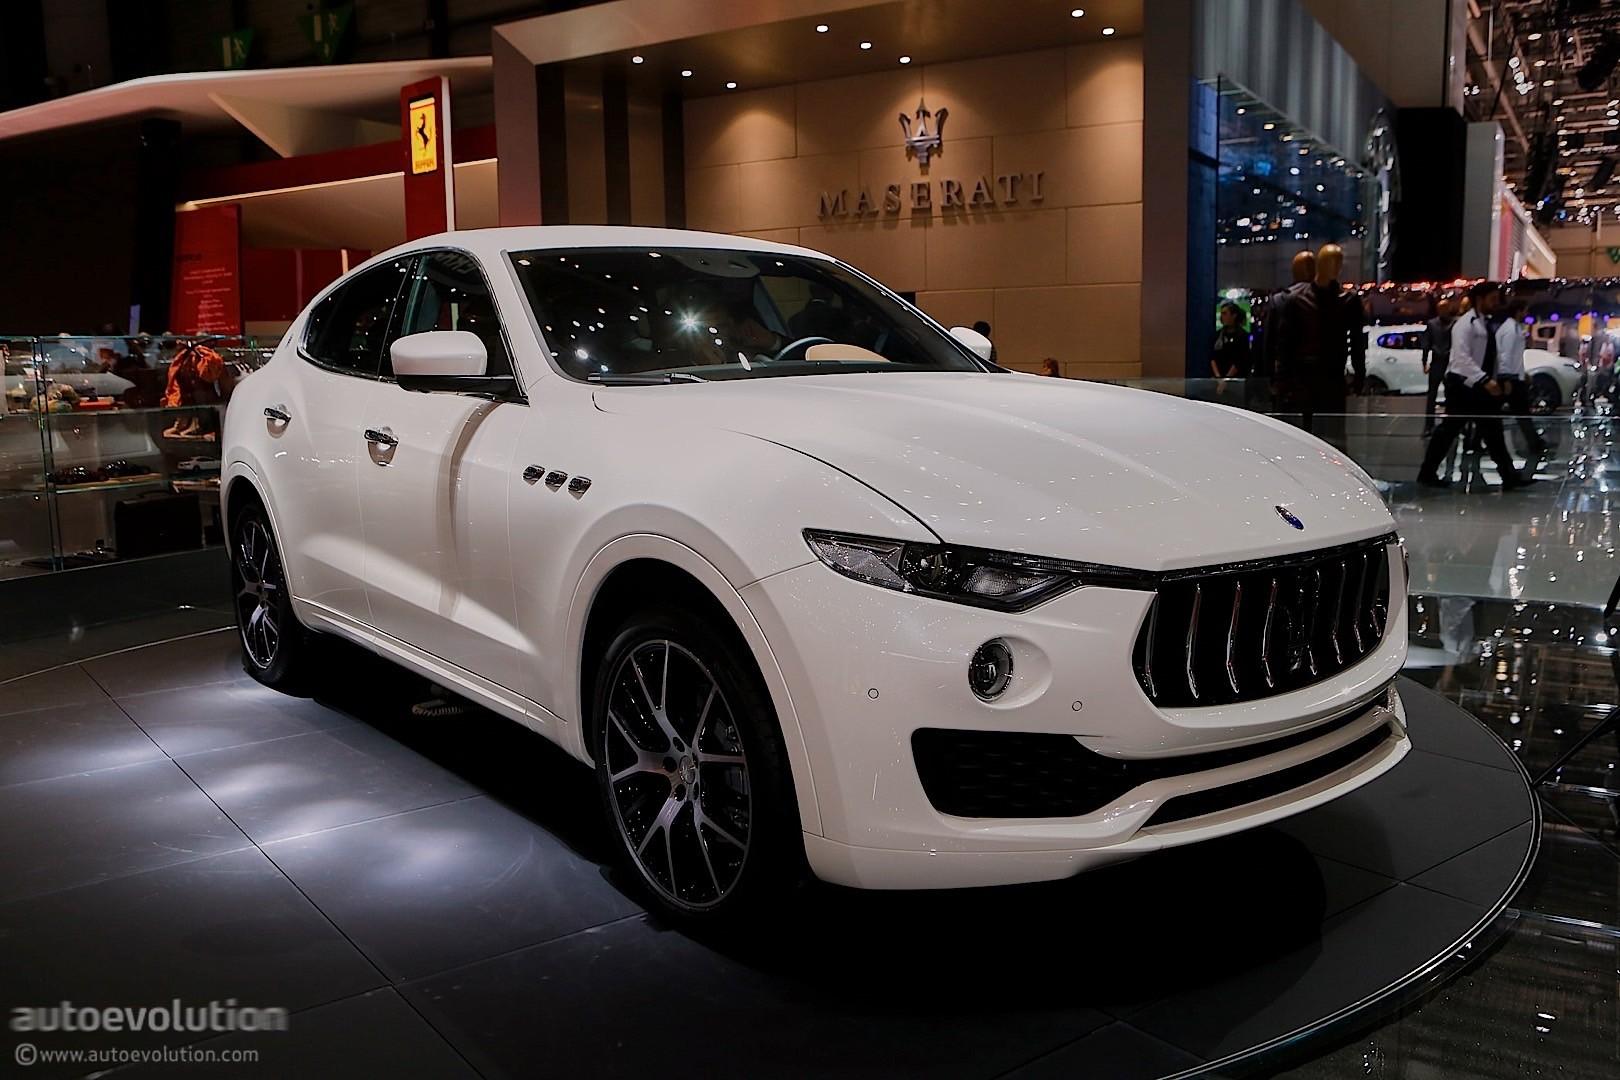 Maserati Ghibli Price >> 2017 Maserati Levante US Pricing Announced, It's Coming to New York - autoevolution